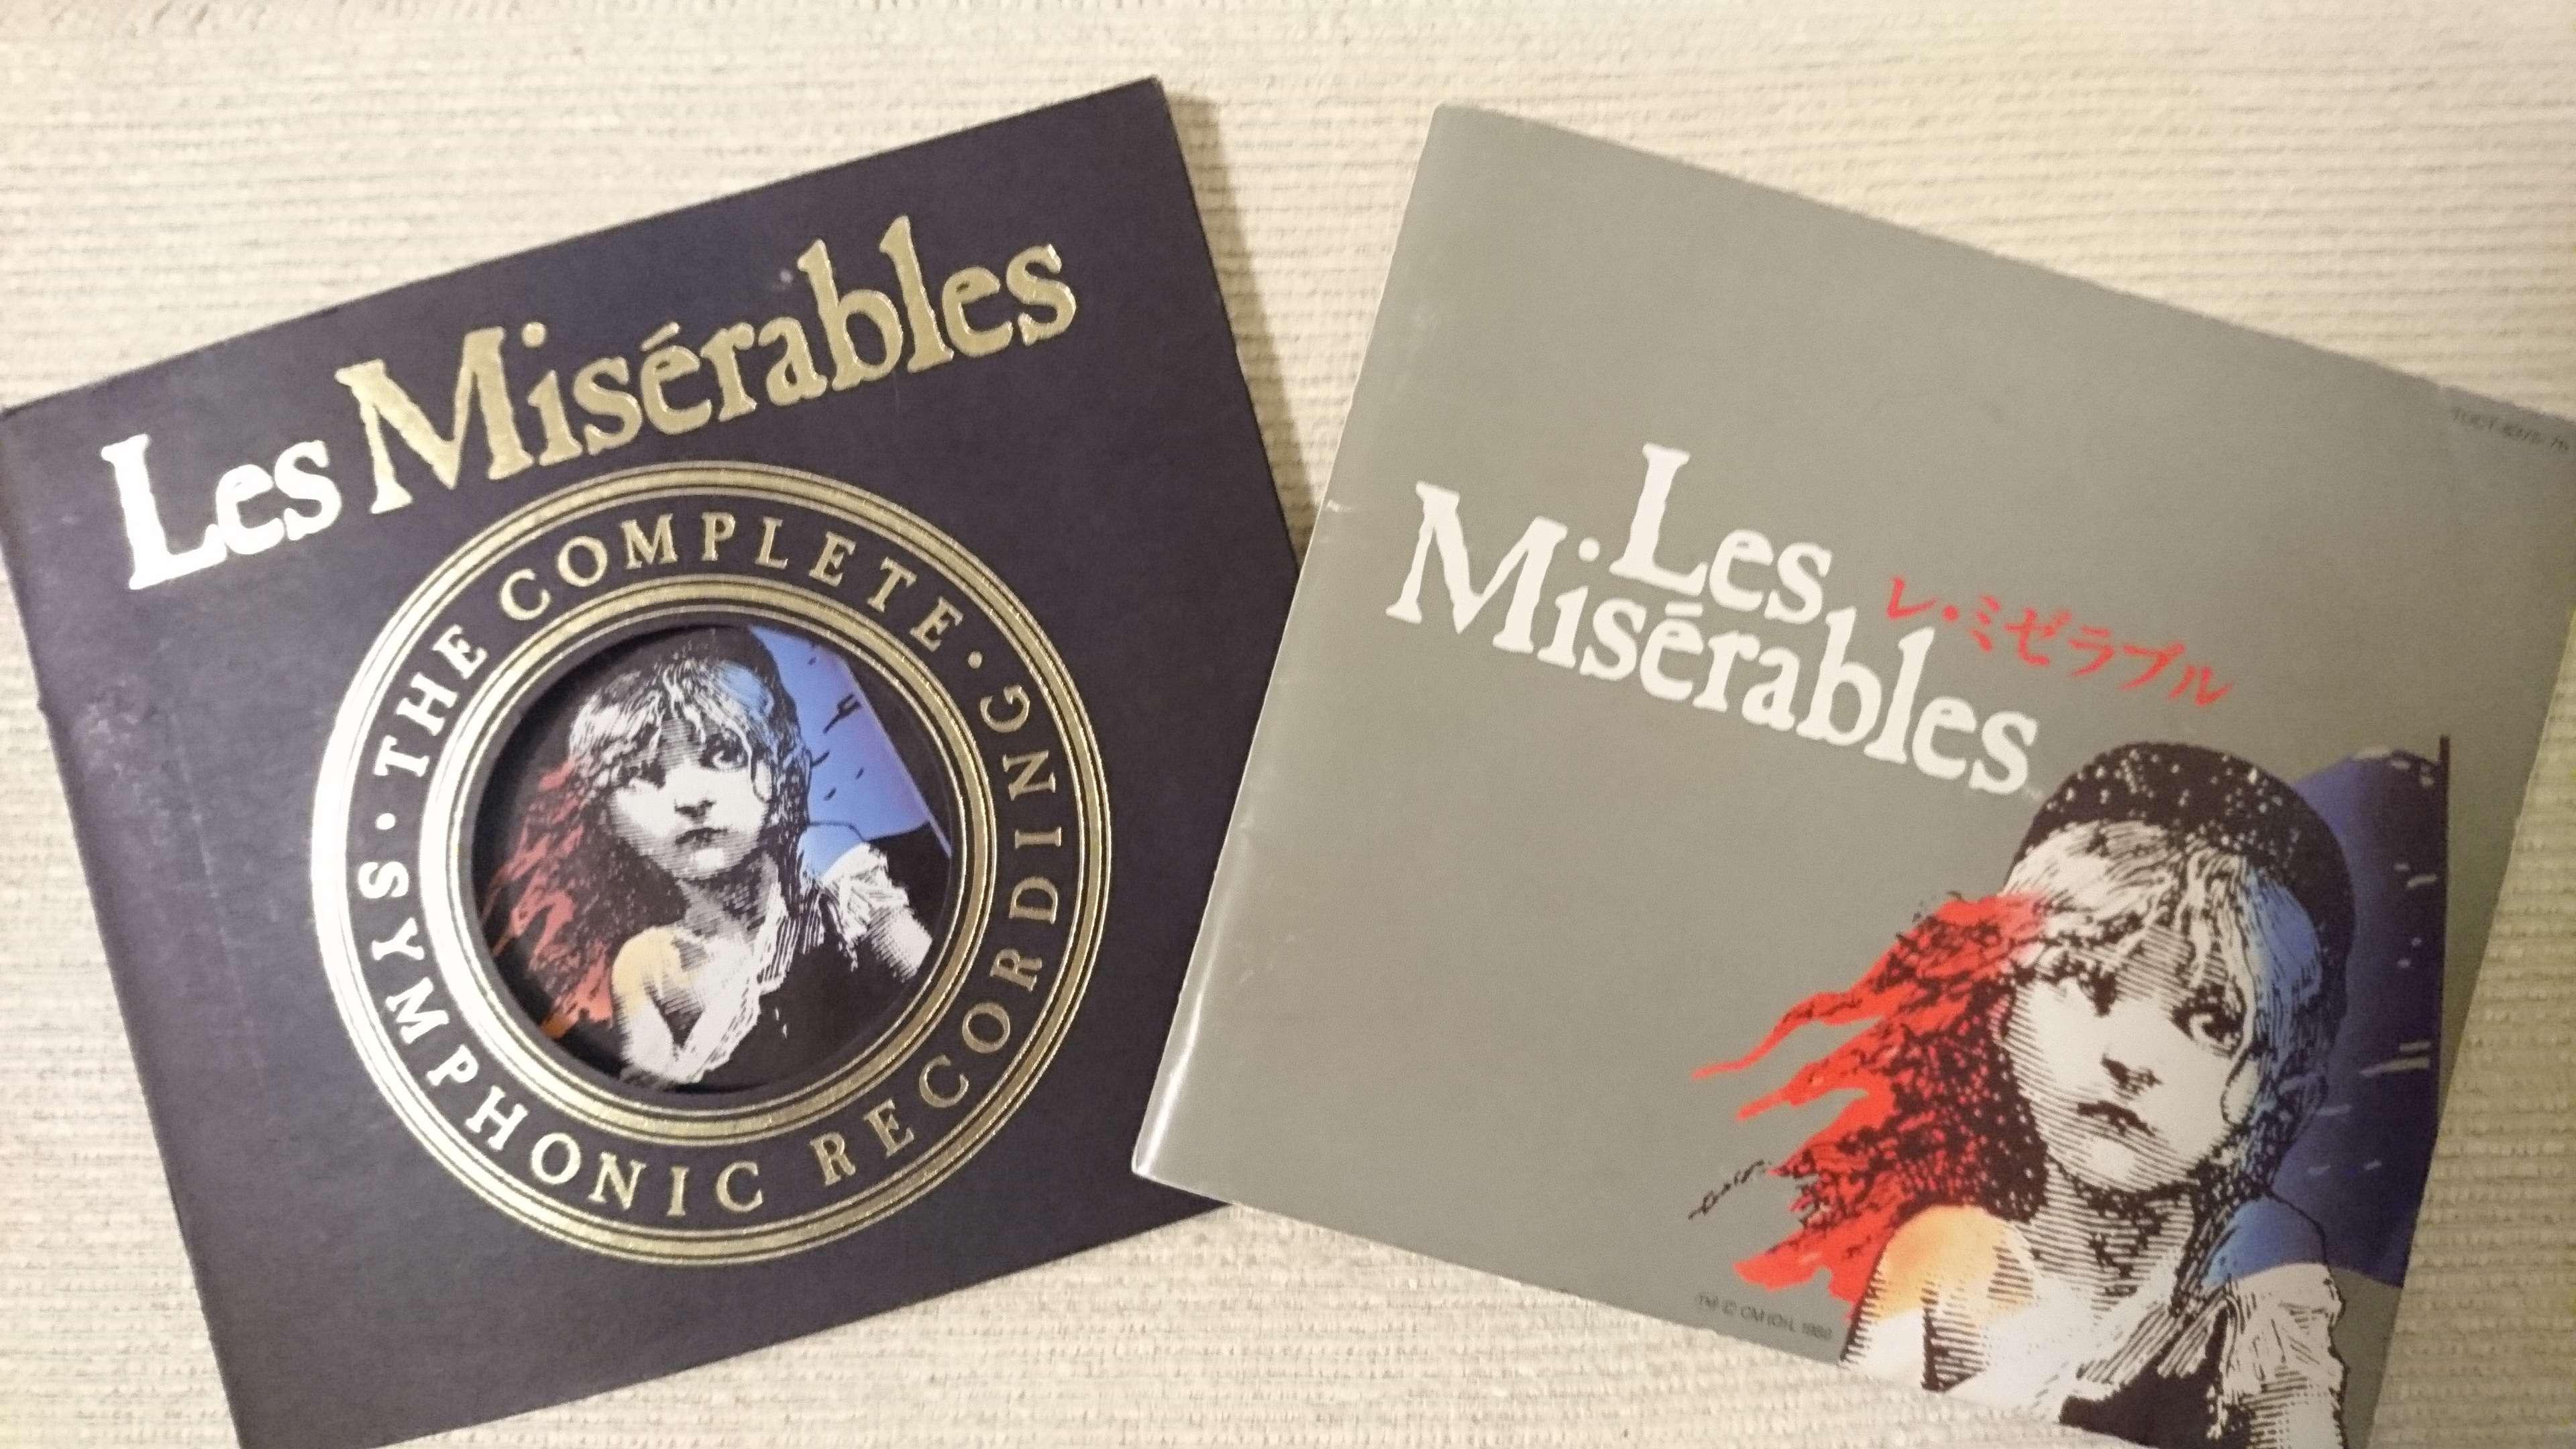 歌詞引用のために参照させていただいた、1988年録音のインターナショナルキャスト盤(左)と1994年の日本人キャスト盤(右)のCDブックレット